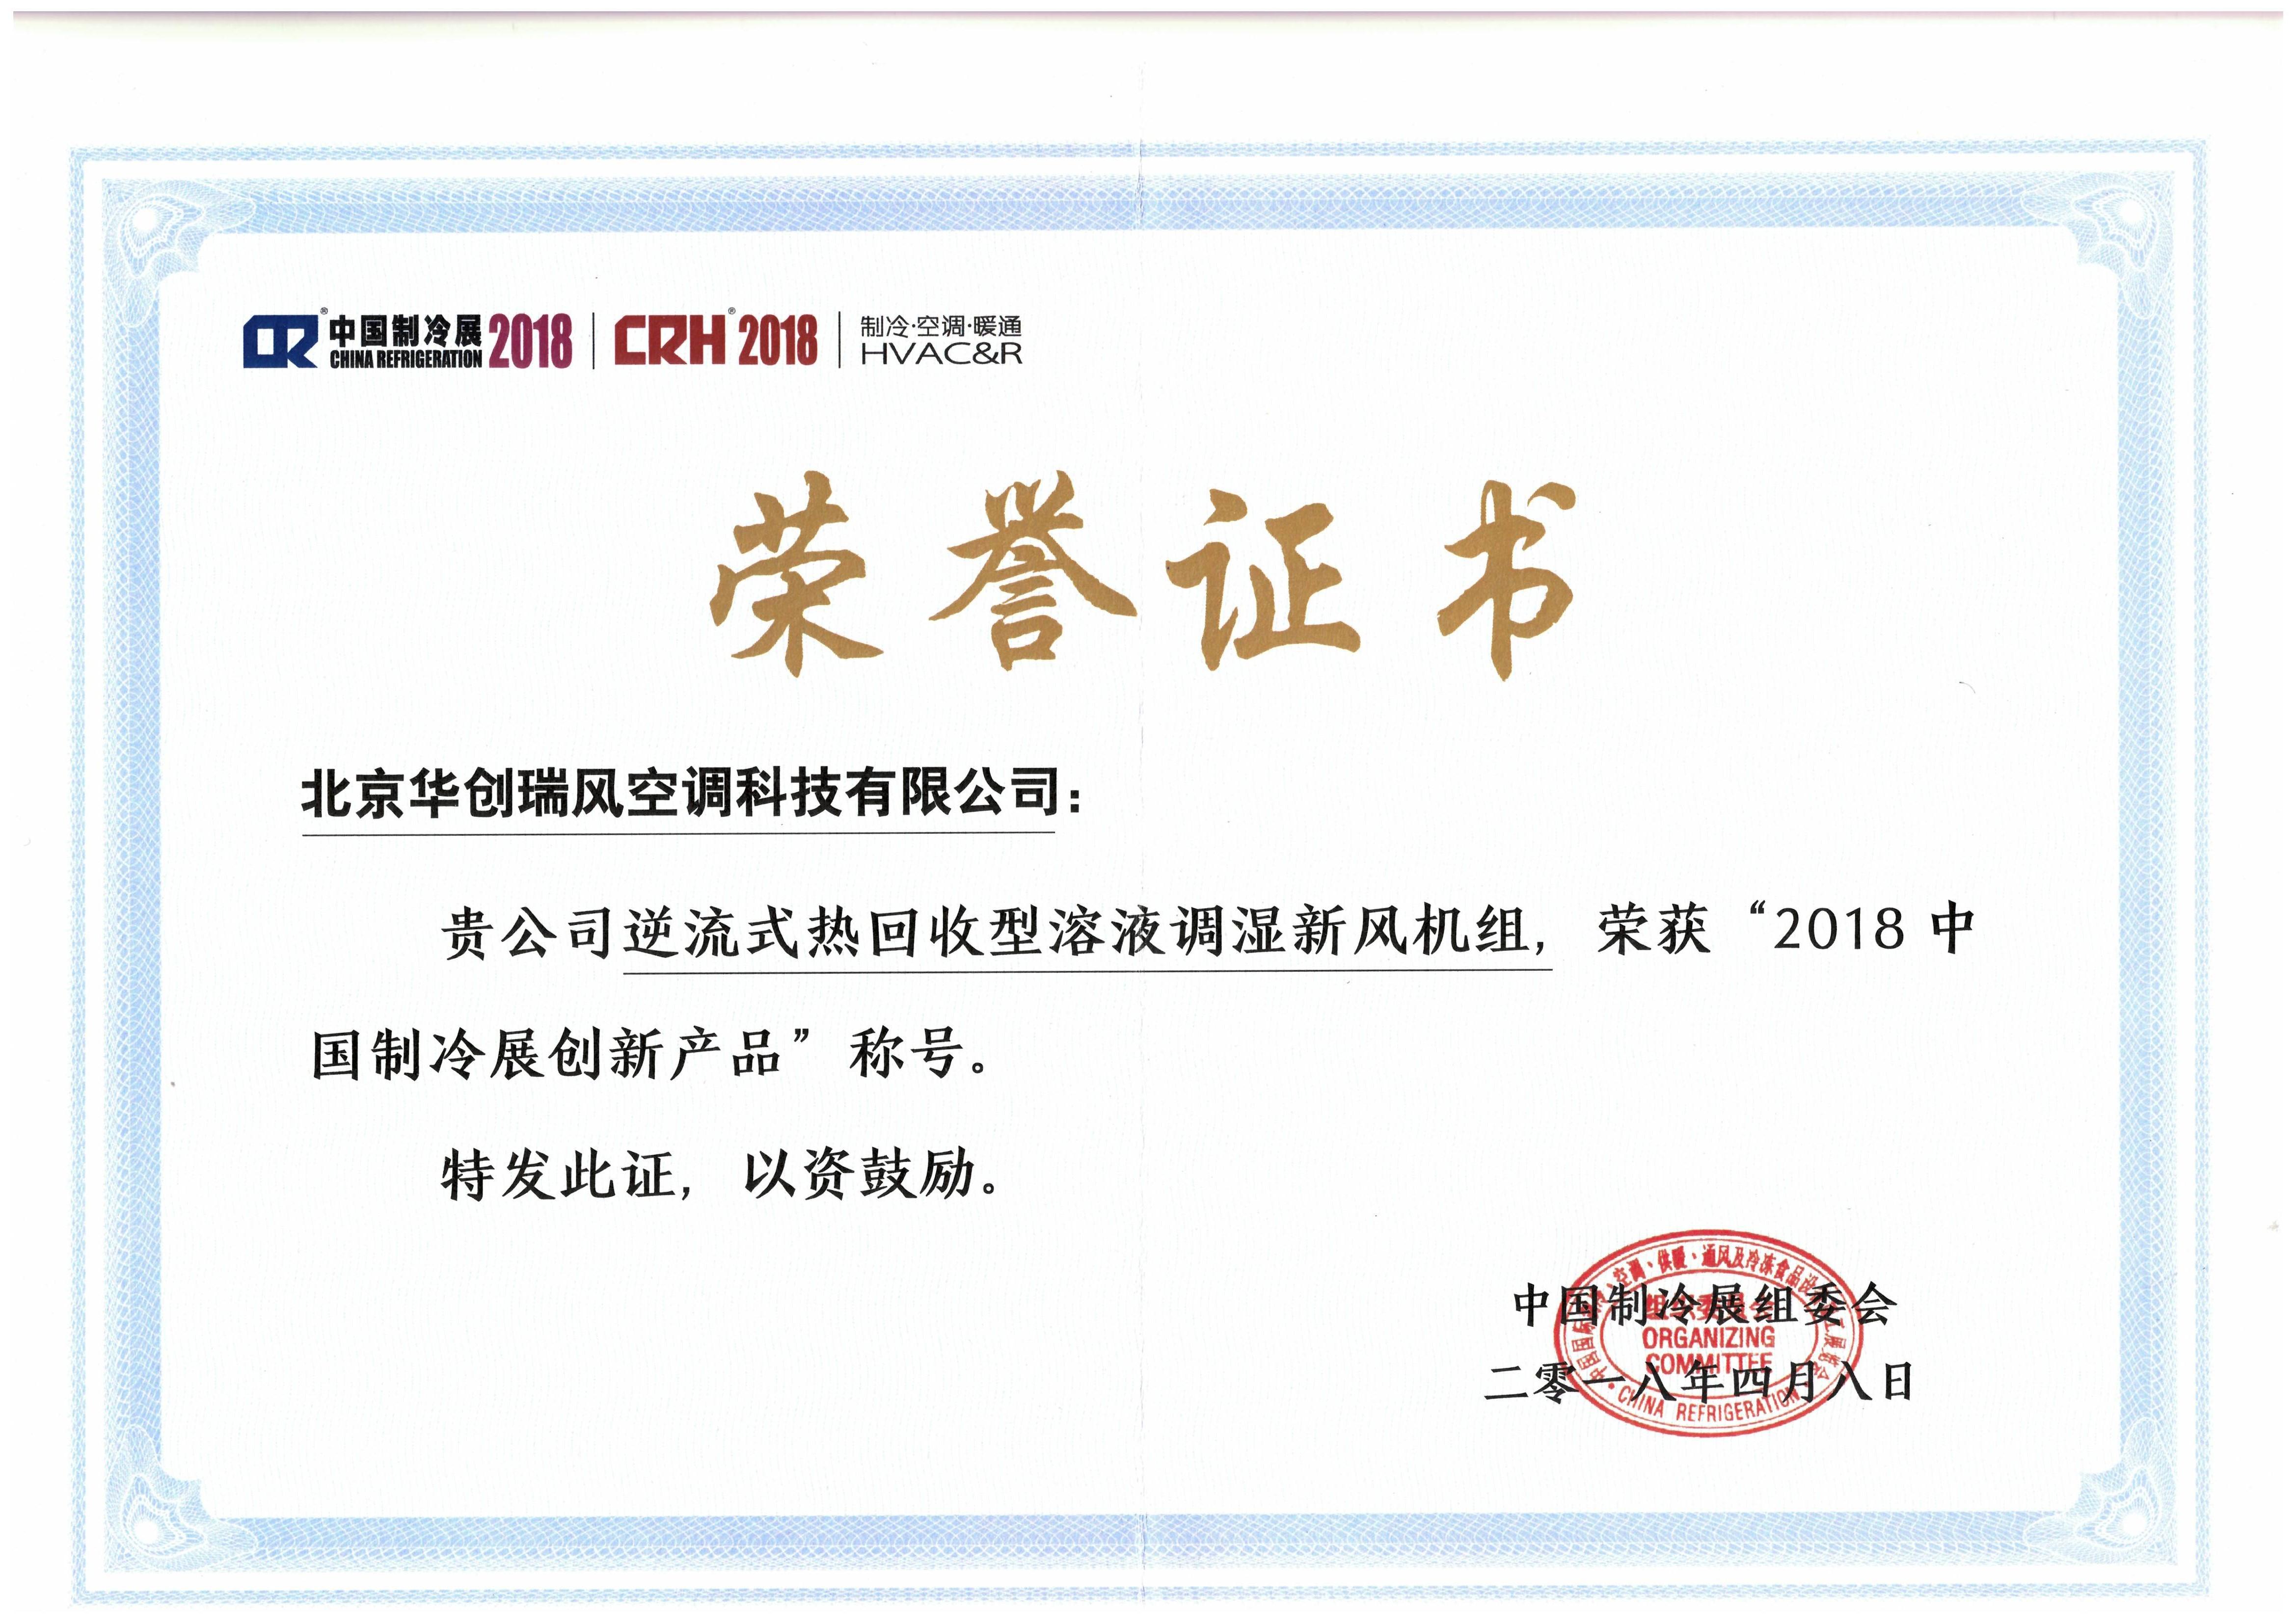 2018中国制冷展创新产品证书